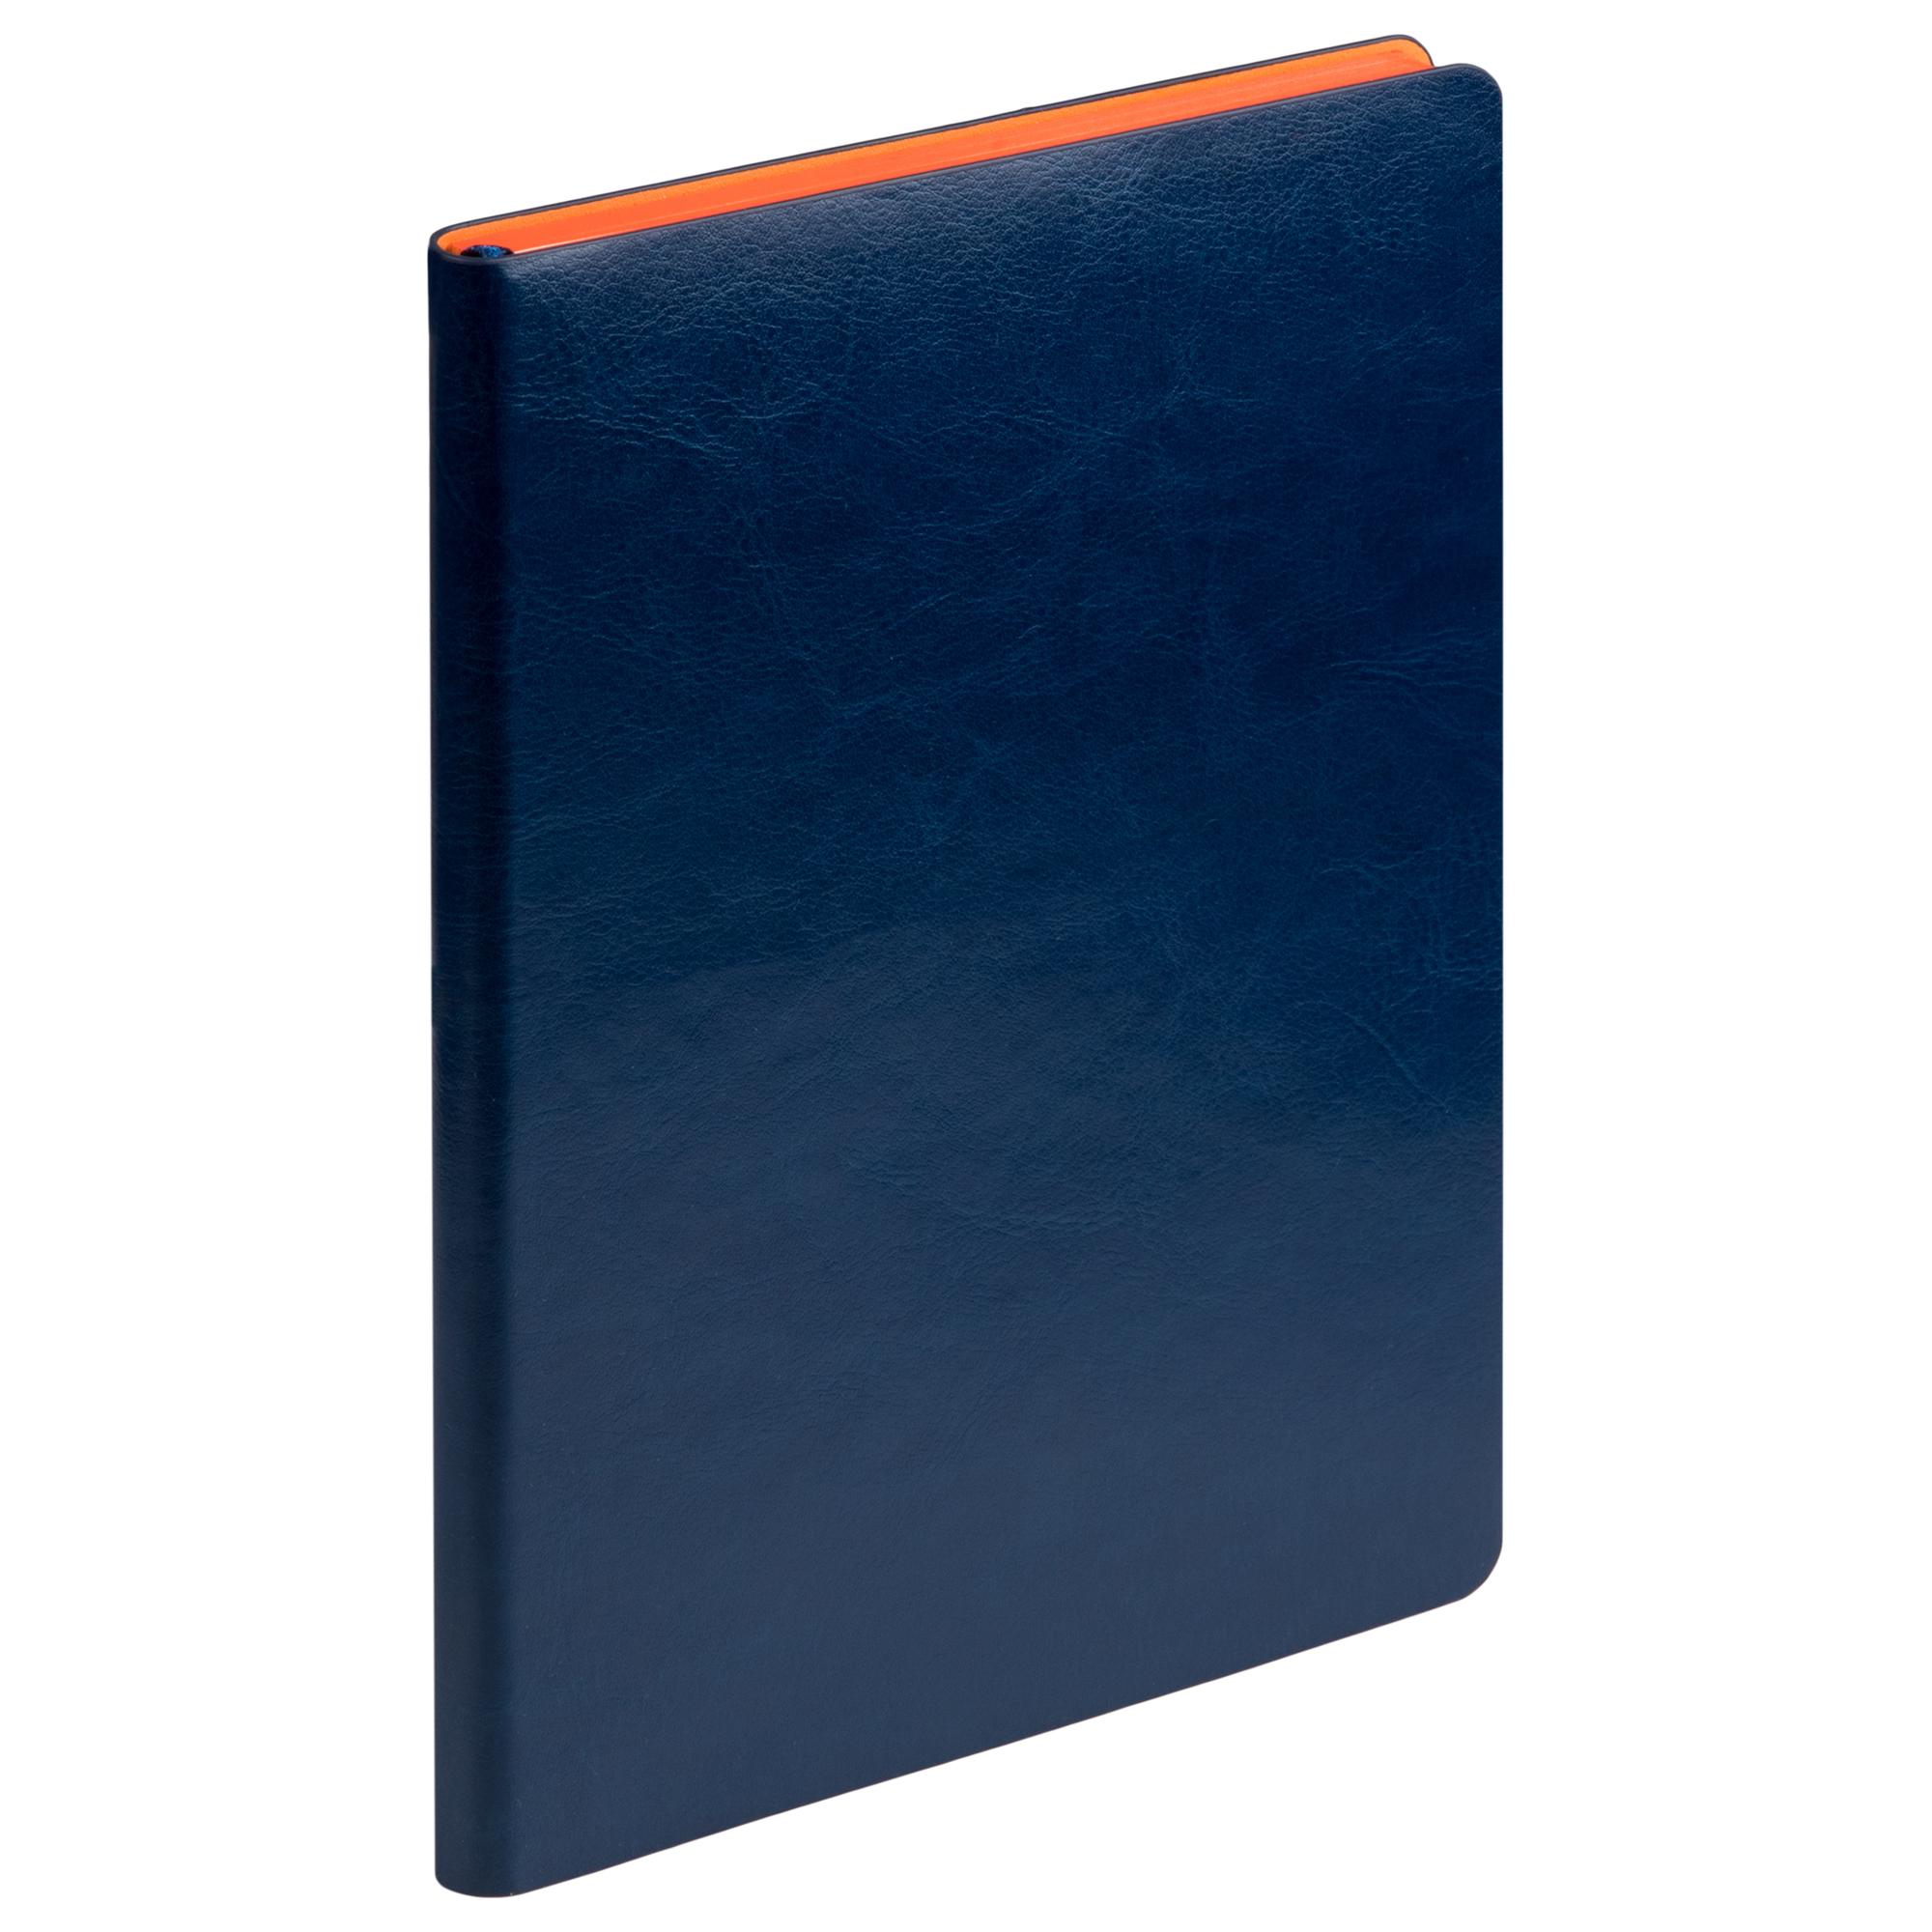 Ежедневник Portobello Trend, River side, недатированный, синий/оранжевый